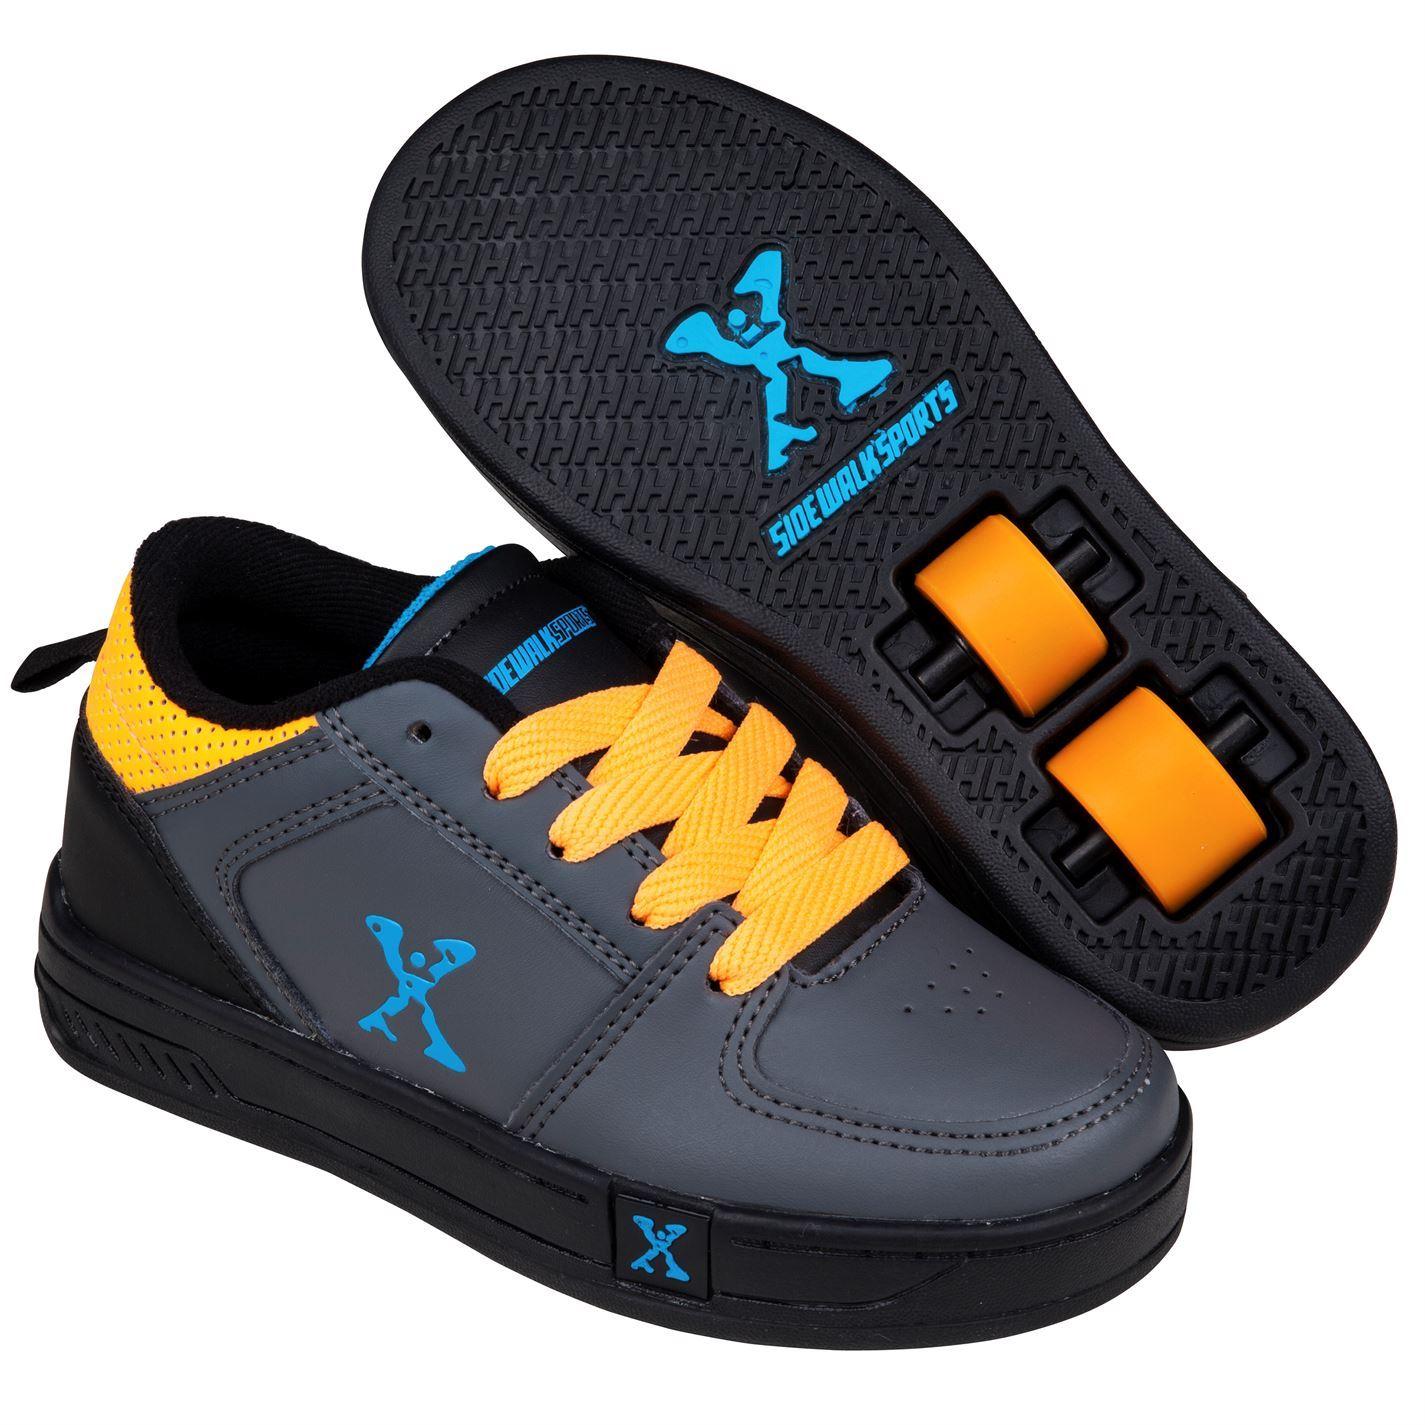 Sidewalk sport lane roller skate shoes - Sidewalk Sport Kids Street Boys Lace Up Skate Wheeled Roller Shoes